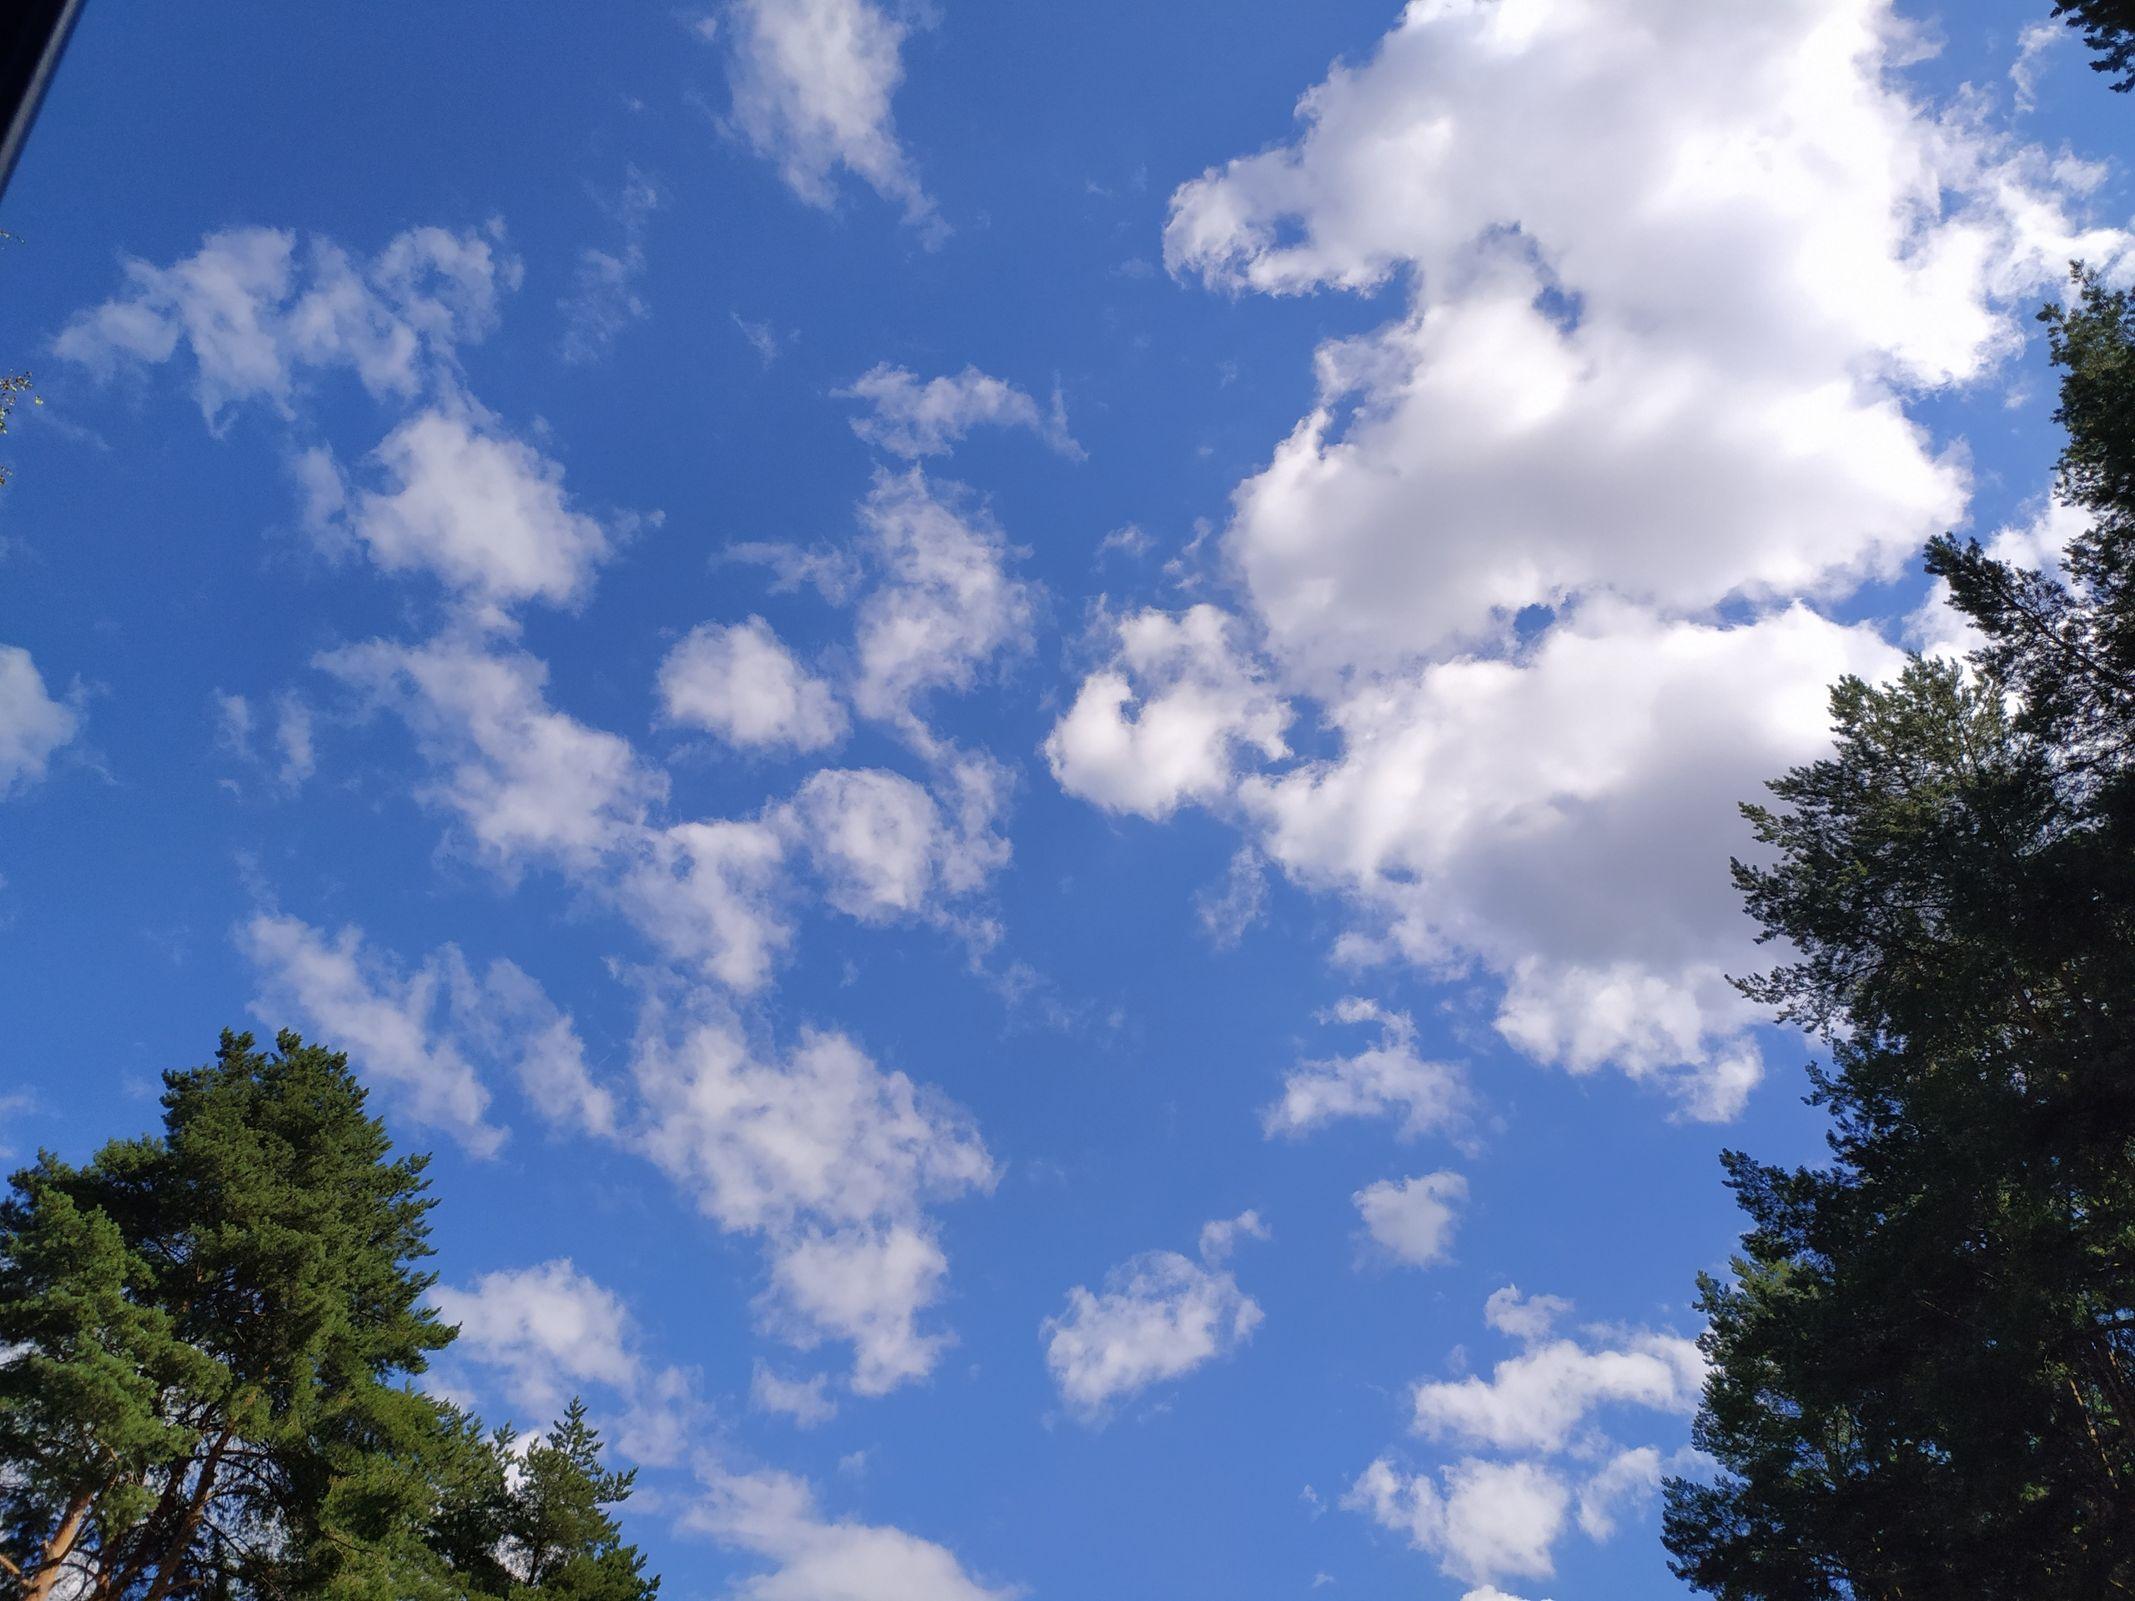 Заключительный знойный аккорд: в Ярославскую область в последний раз за лето нагрянет 30-градусная жара